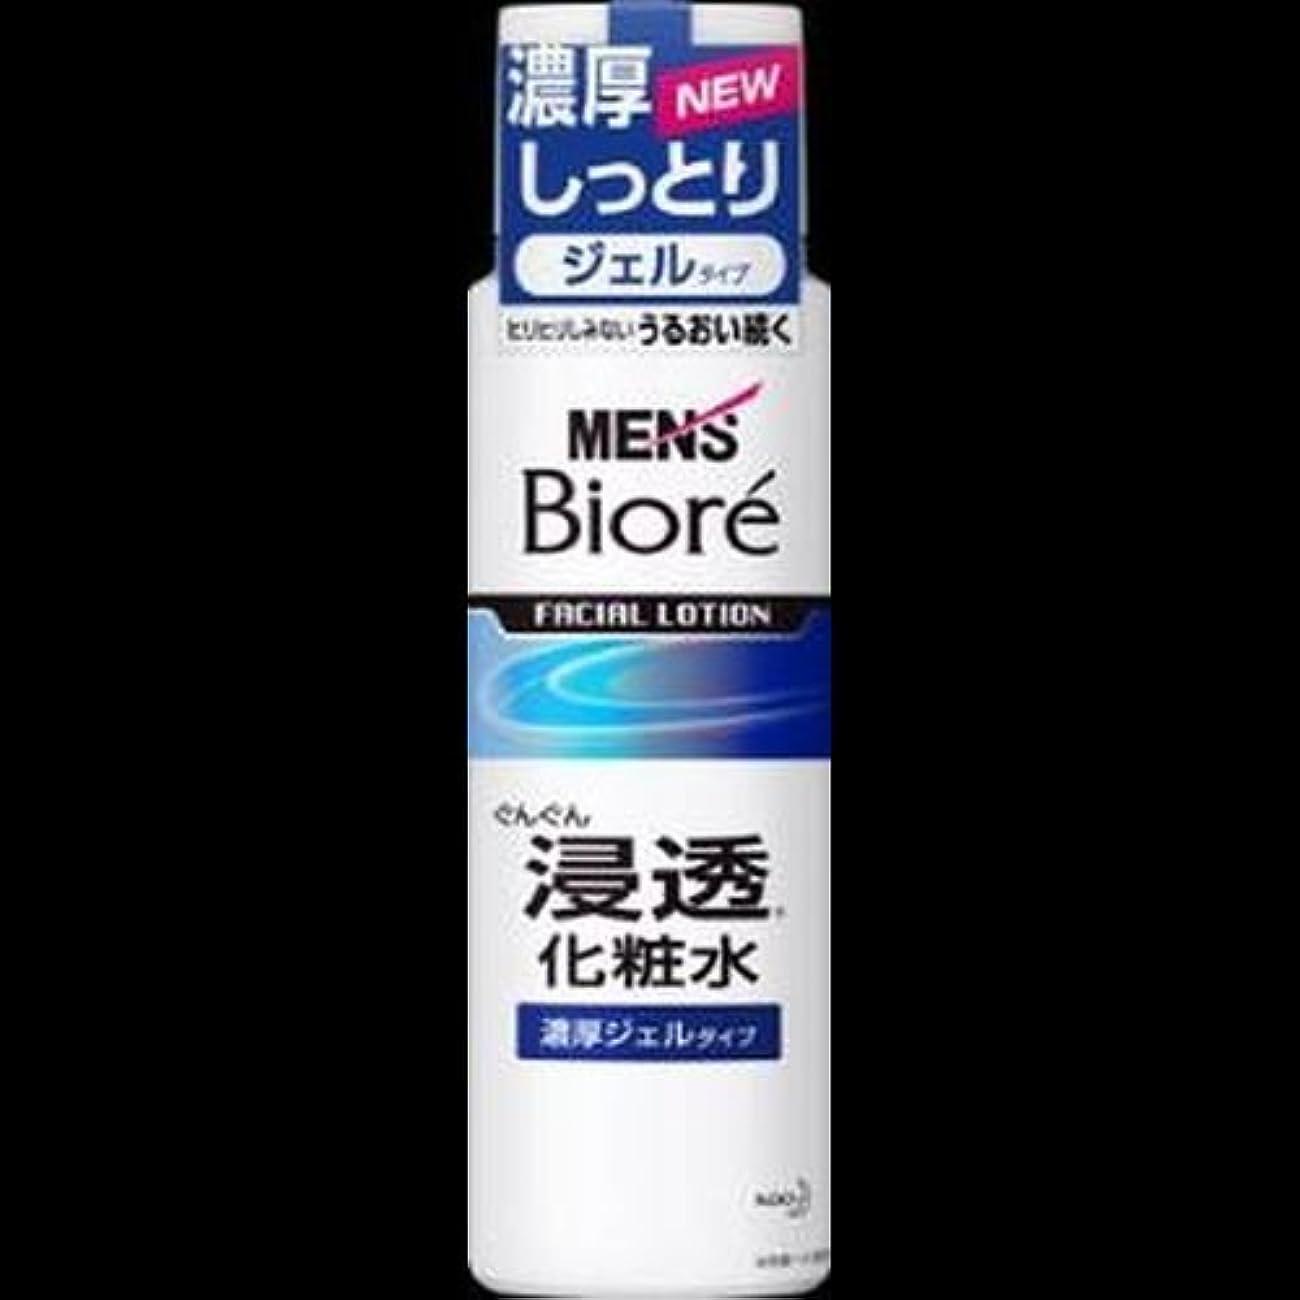 素晴らしい懺悔バタフライ【まとめ買い】メンズビオレ 浸透化粧水 濃厚ジェルタイプ ×2セット